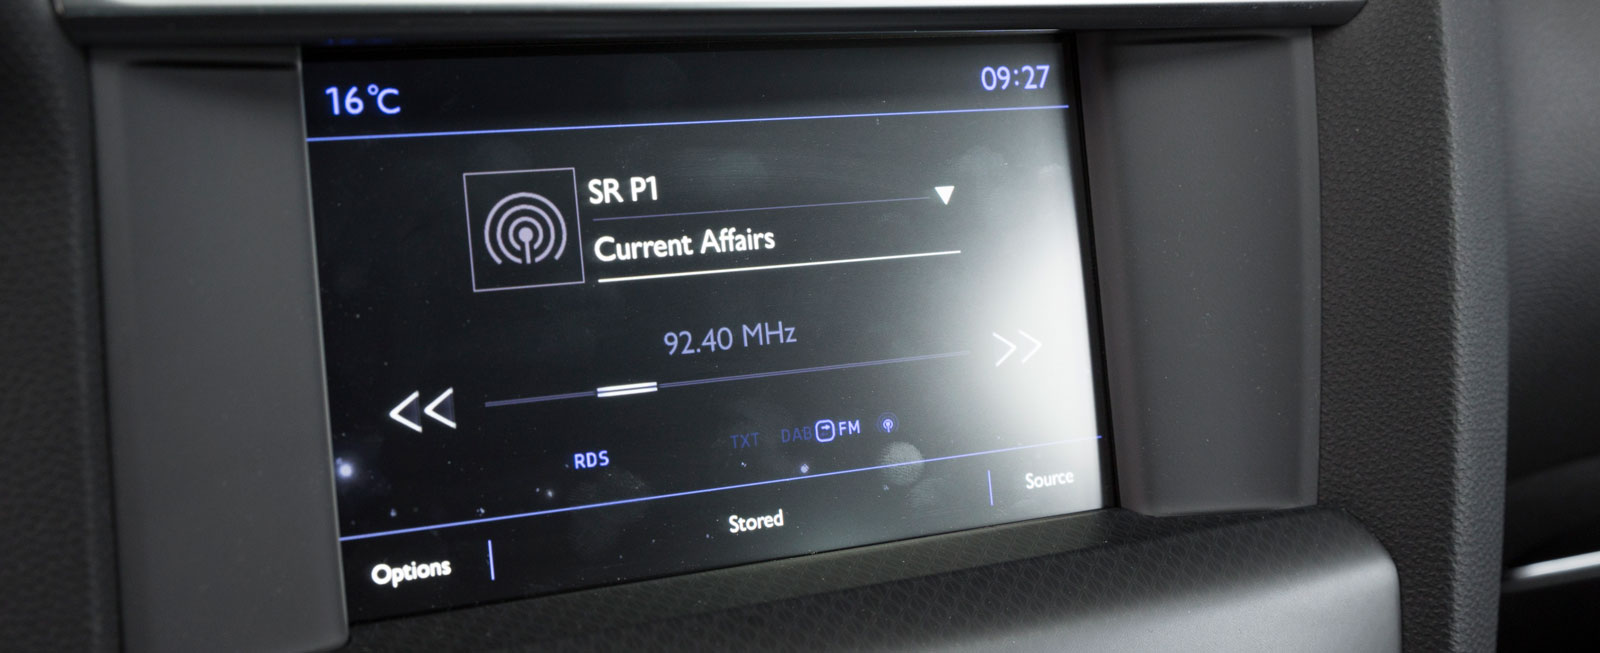 DS 4-systemet sköts med en kombination av pekfinger och knappar/ratt nedanför skärmen. Grafiken är något tydligare än Hondas.